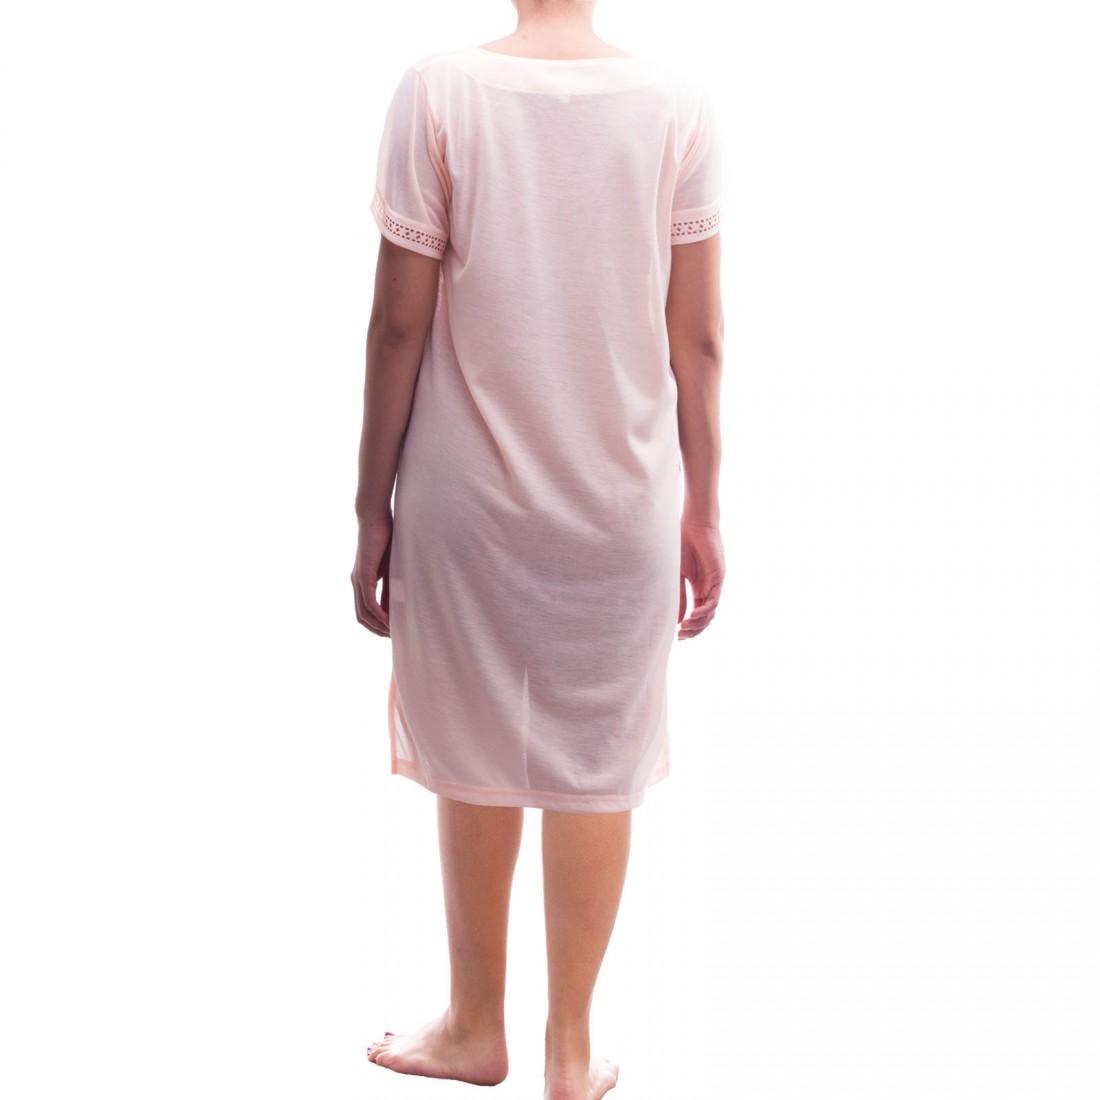 lucky kurzarm nachthemd schlafshirt mit spitze damen nachtw sche nachthemden. Black Bedroom Furniture Sets. Home Design Ideas